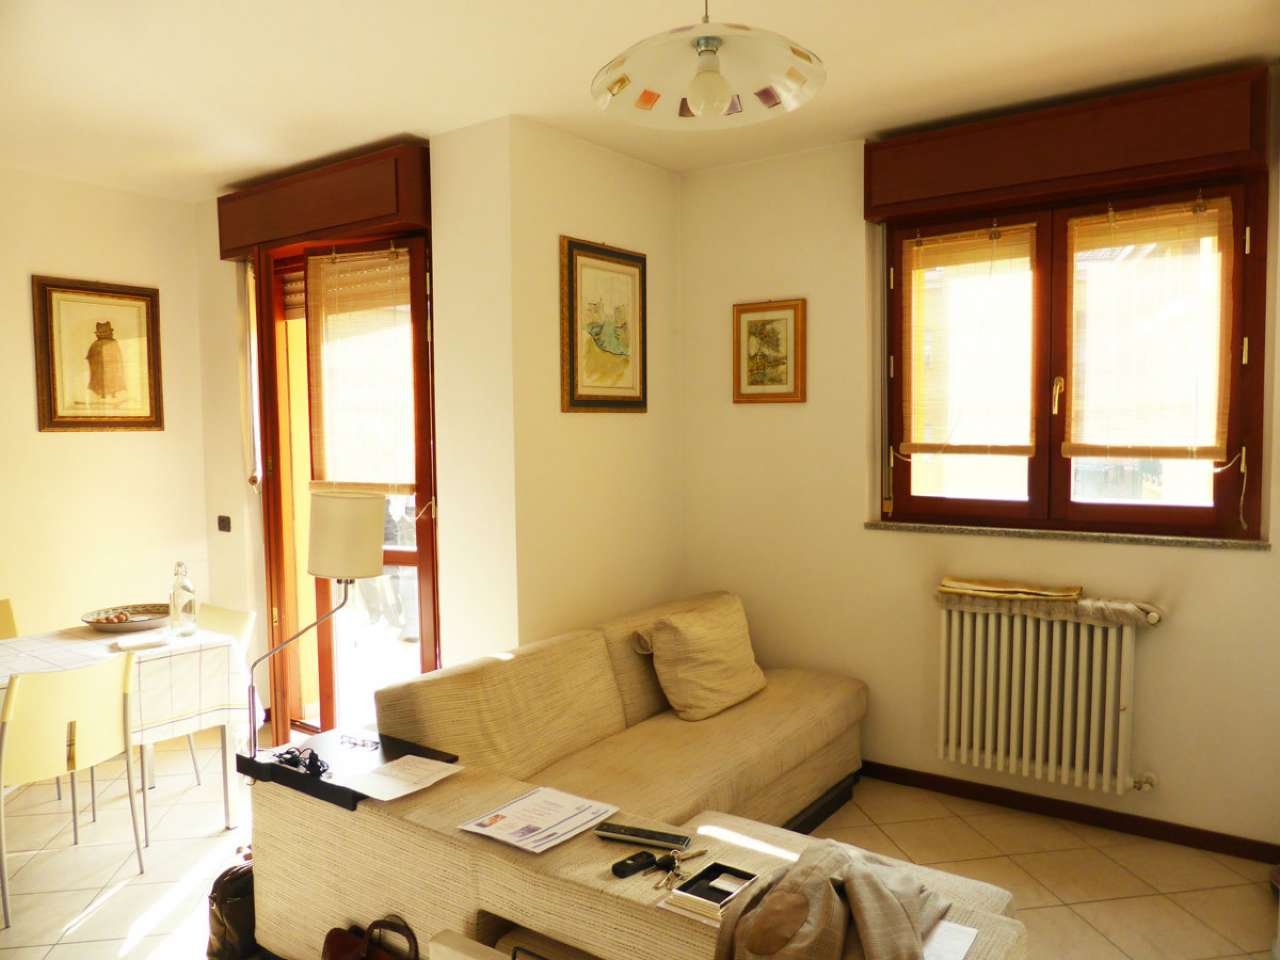 Appartamento in vendita a Milano, 2 locali, zona Zona: 7 . Corvetto, Lodi, Forlanini, Umbria, Rogoredo, prezzo € 70.000 | CambioCasa.it